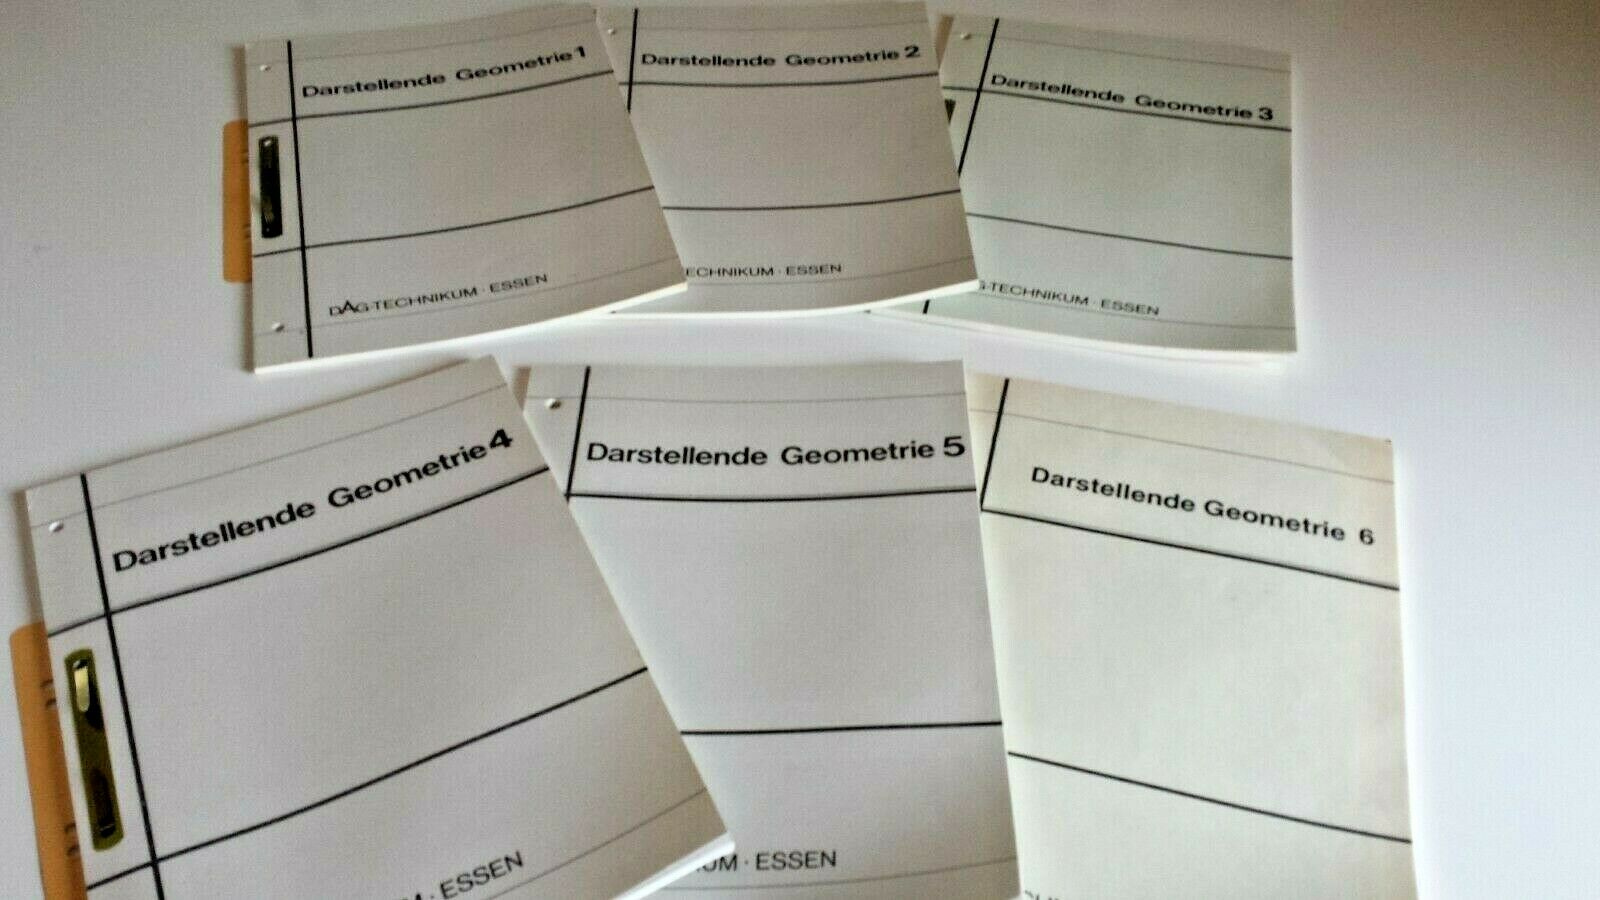 6 Lehrhefte, darstellende Geometrie, technisches Zeichnen, Fernunterricht